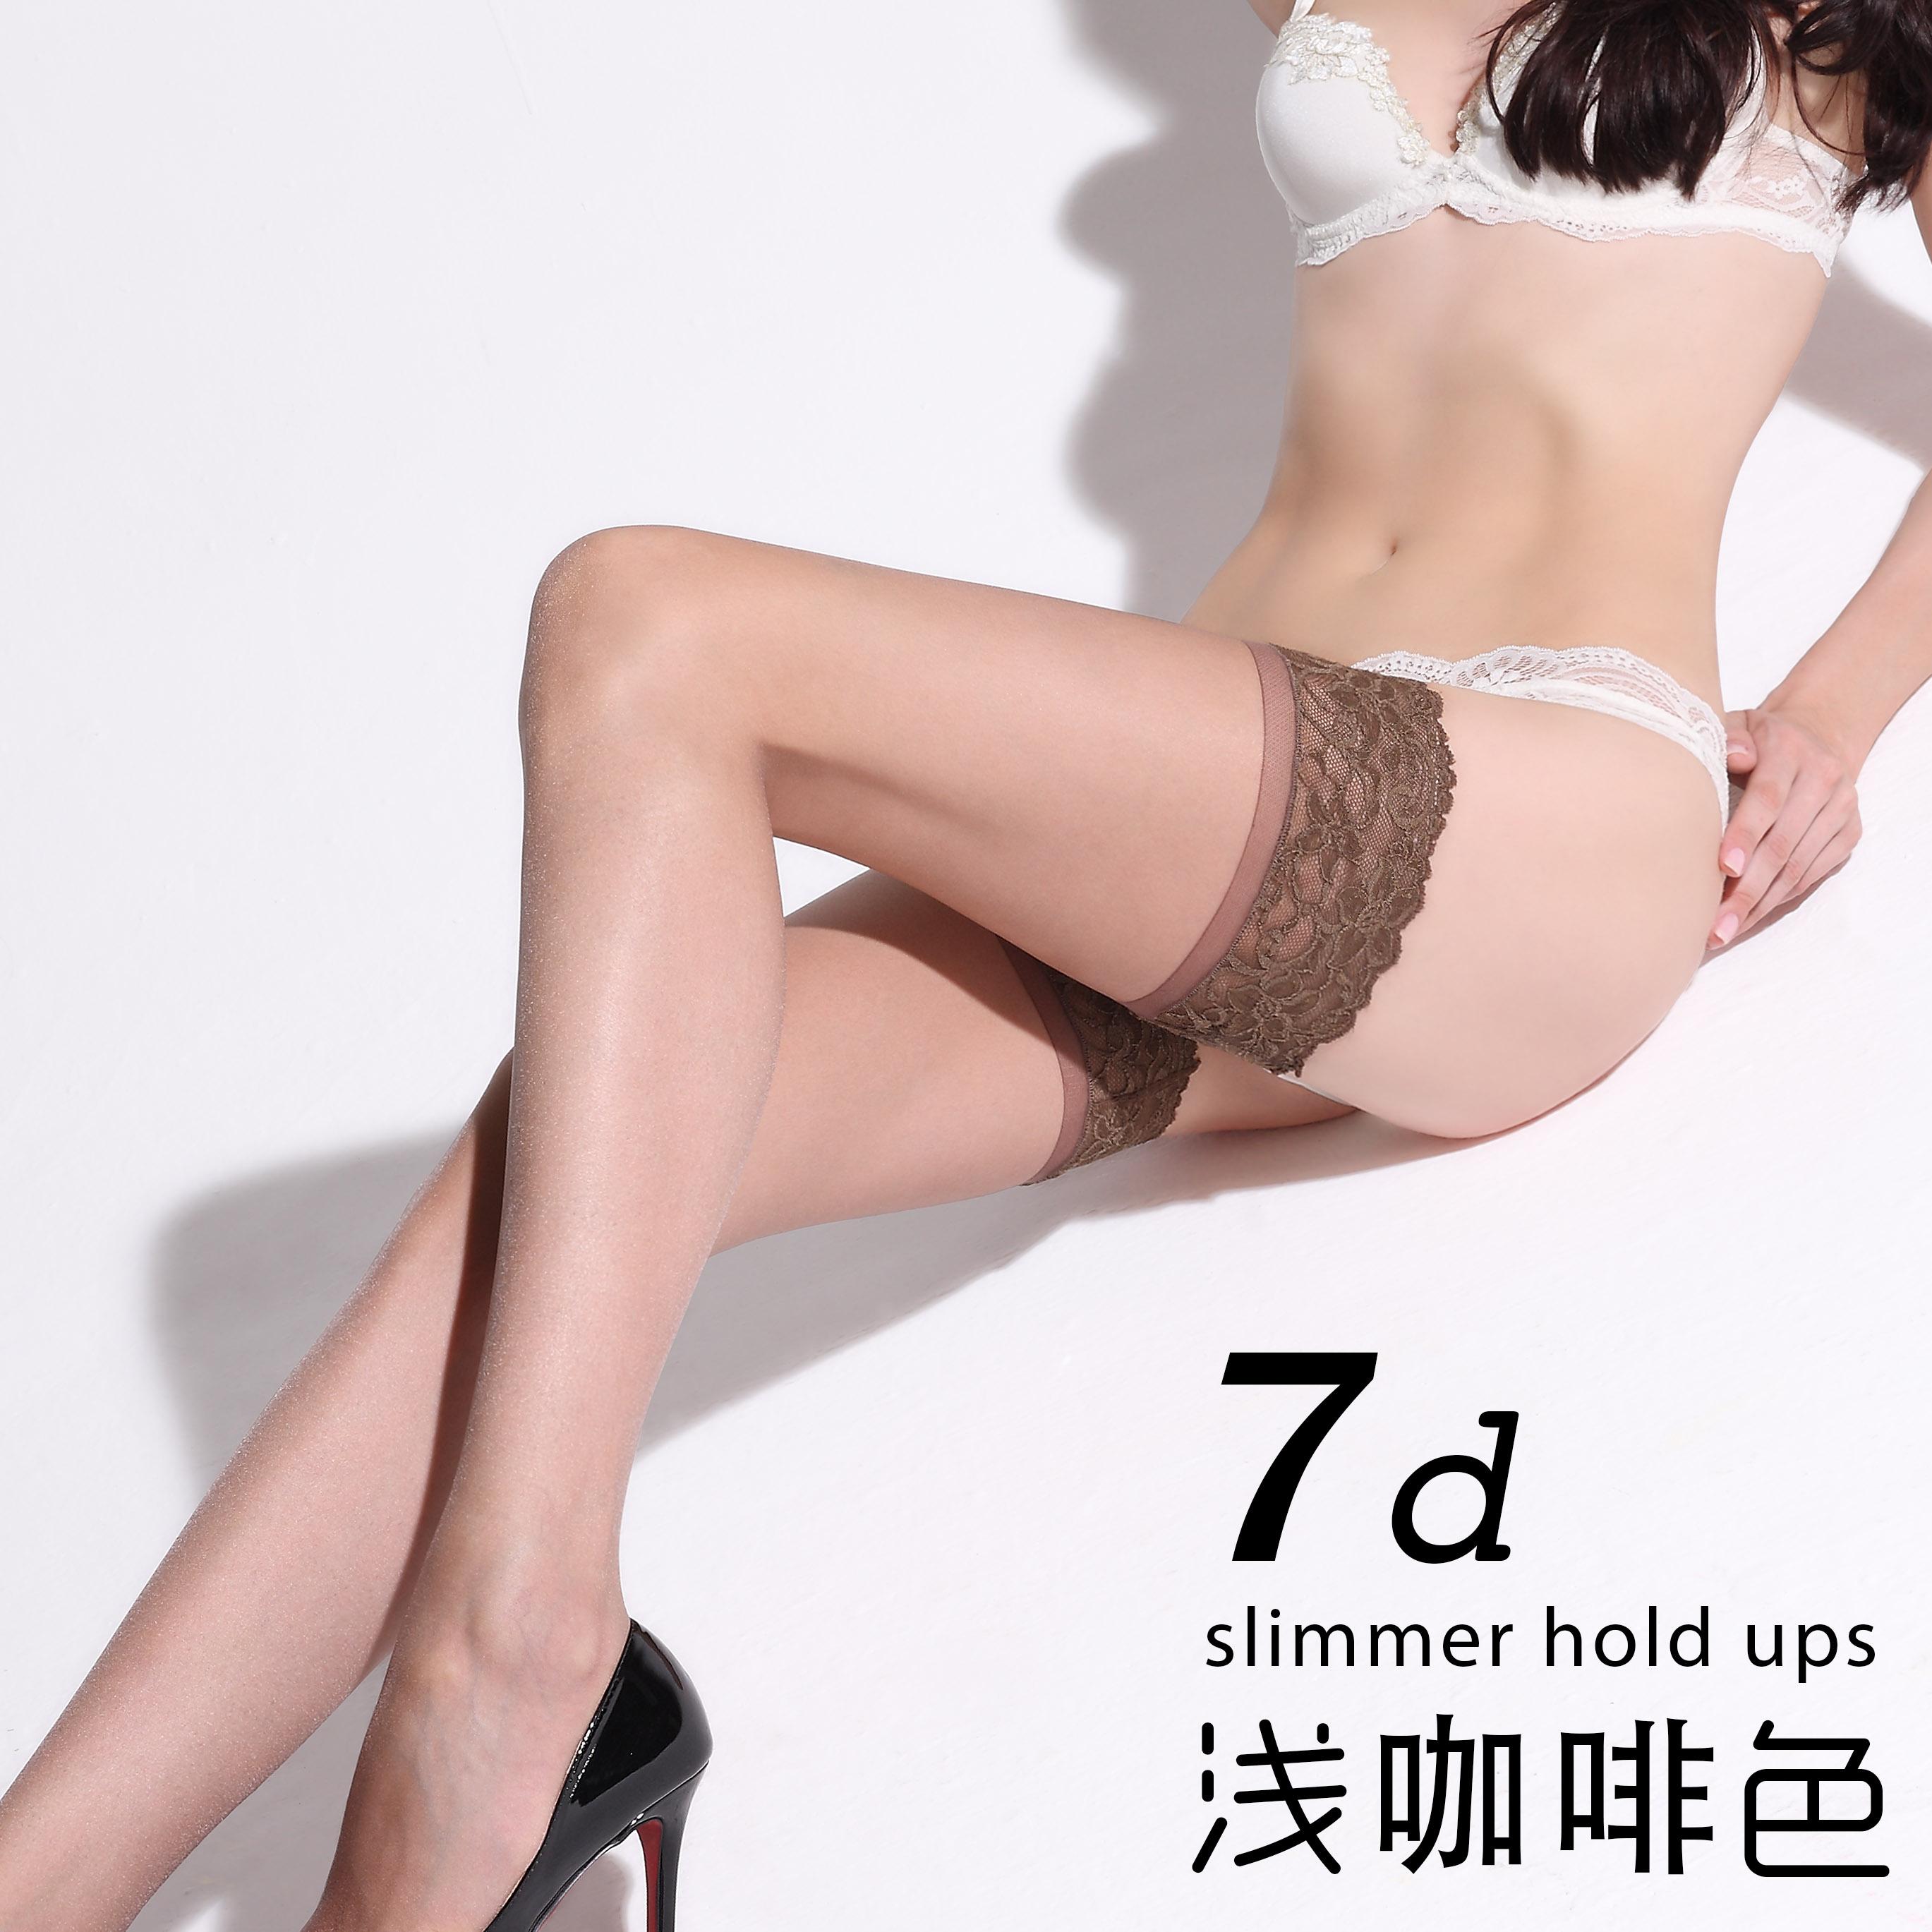 过膝女吊带超薄情趣丝袜可撕防滑蕾丝长筒袜高筒性感丝袜到大腿根